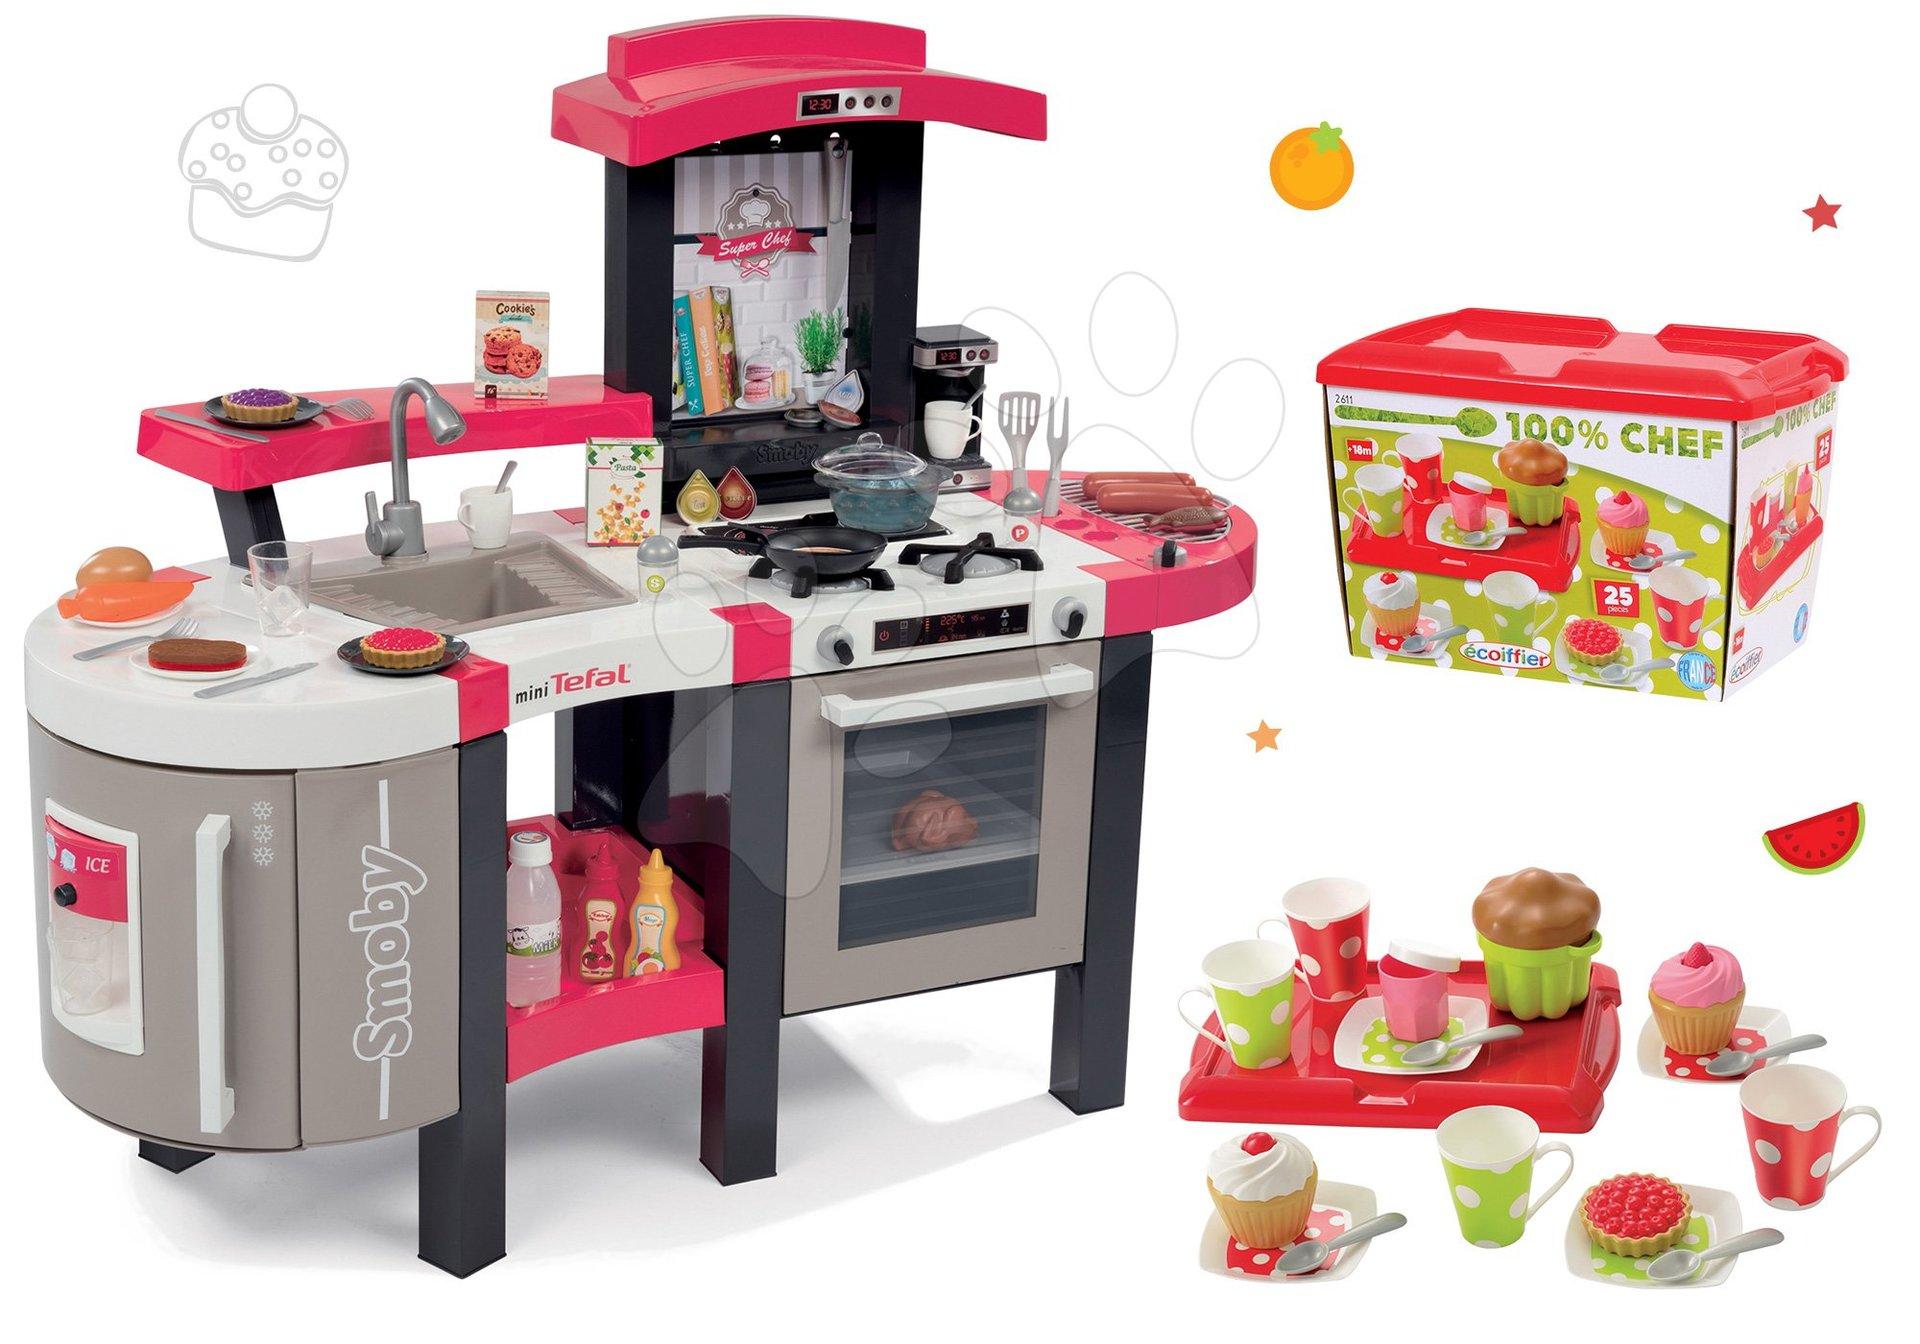 Kuchynky pre deti sety - Set kuchynka Tefal SuperChef Smoby s grilom a kávovarom a čajová súprava 100% Chef